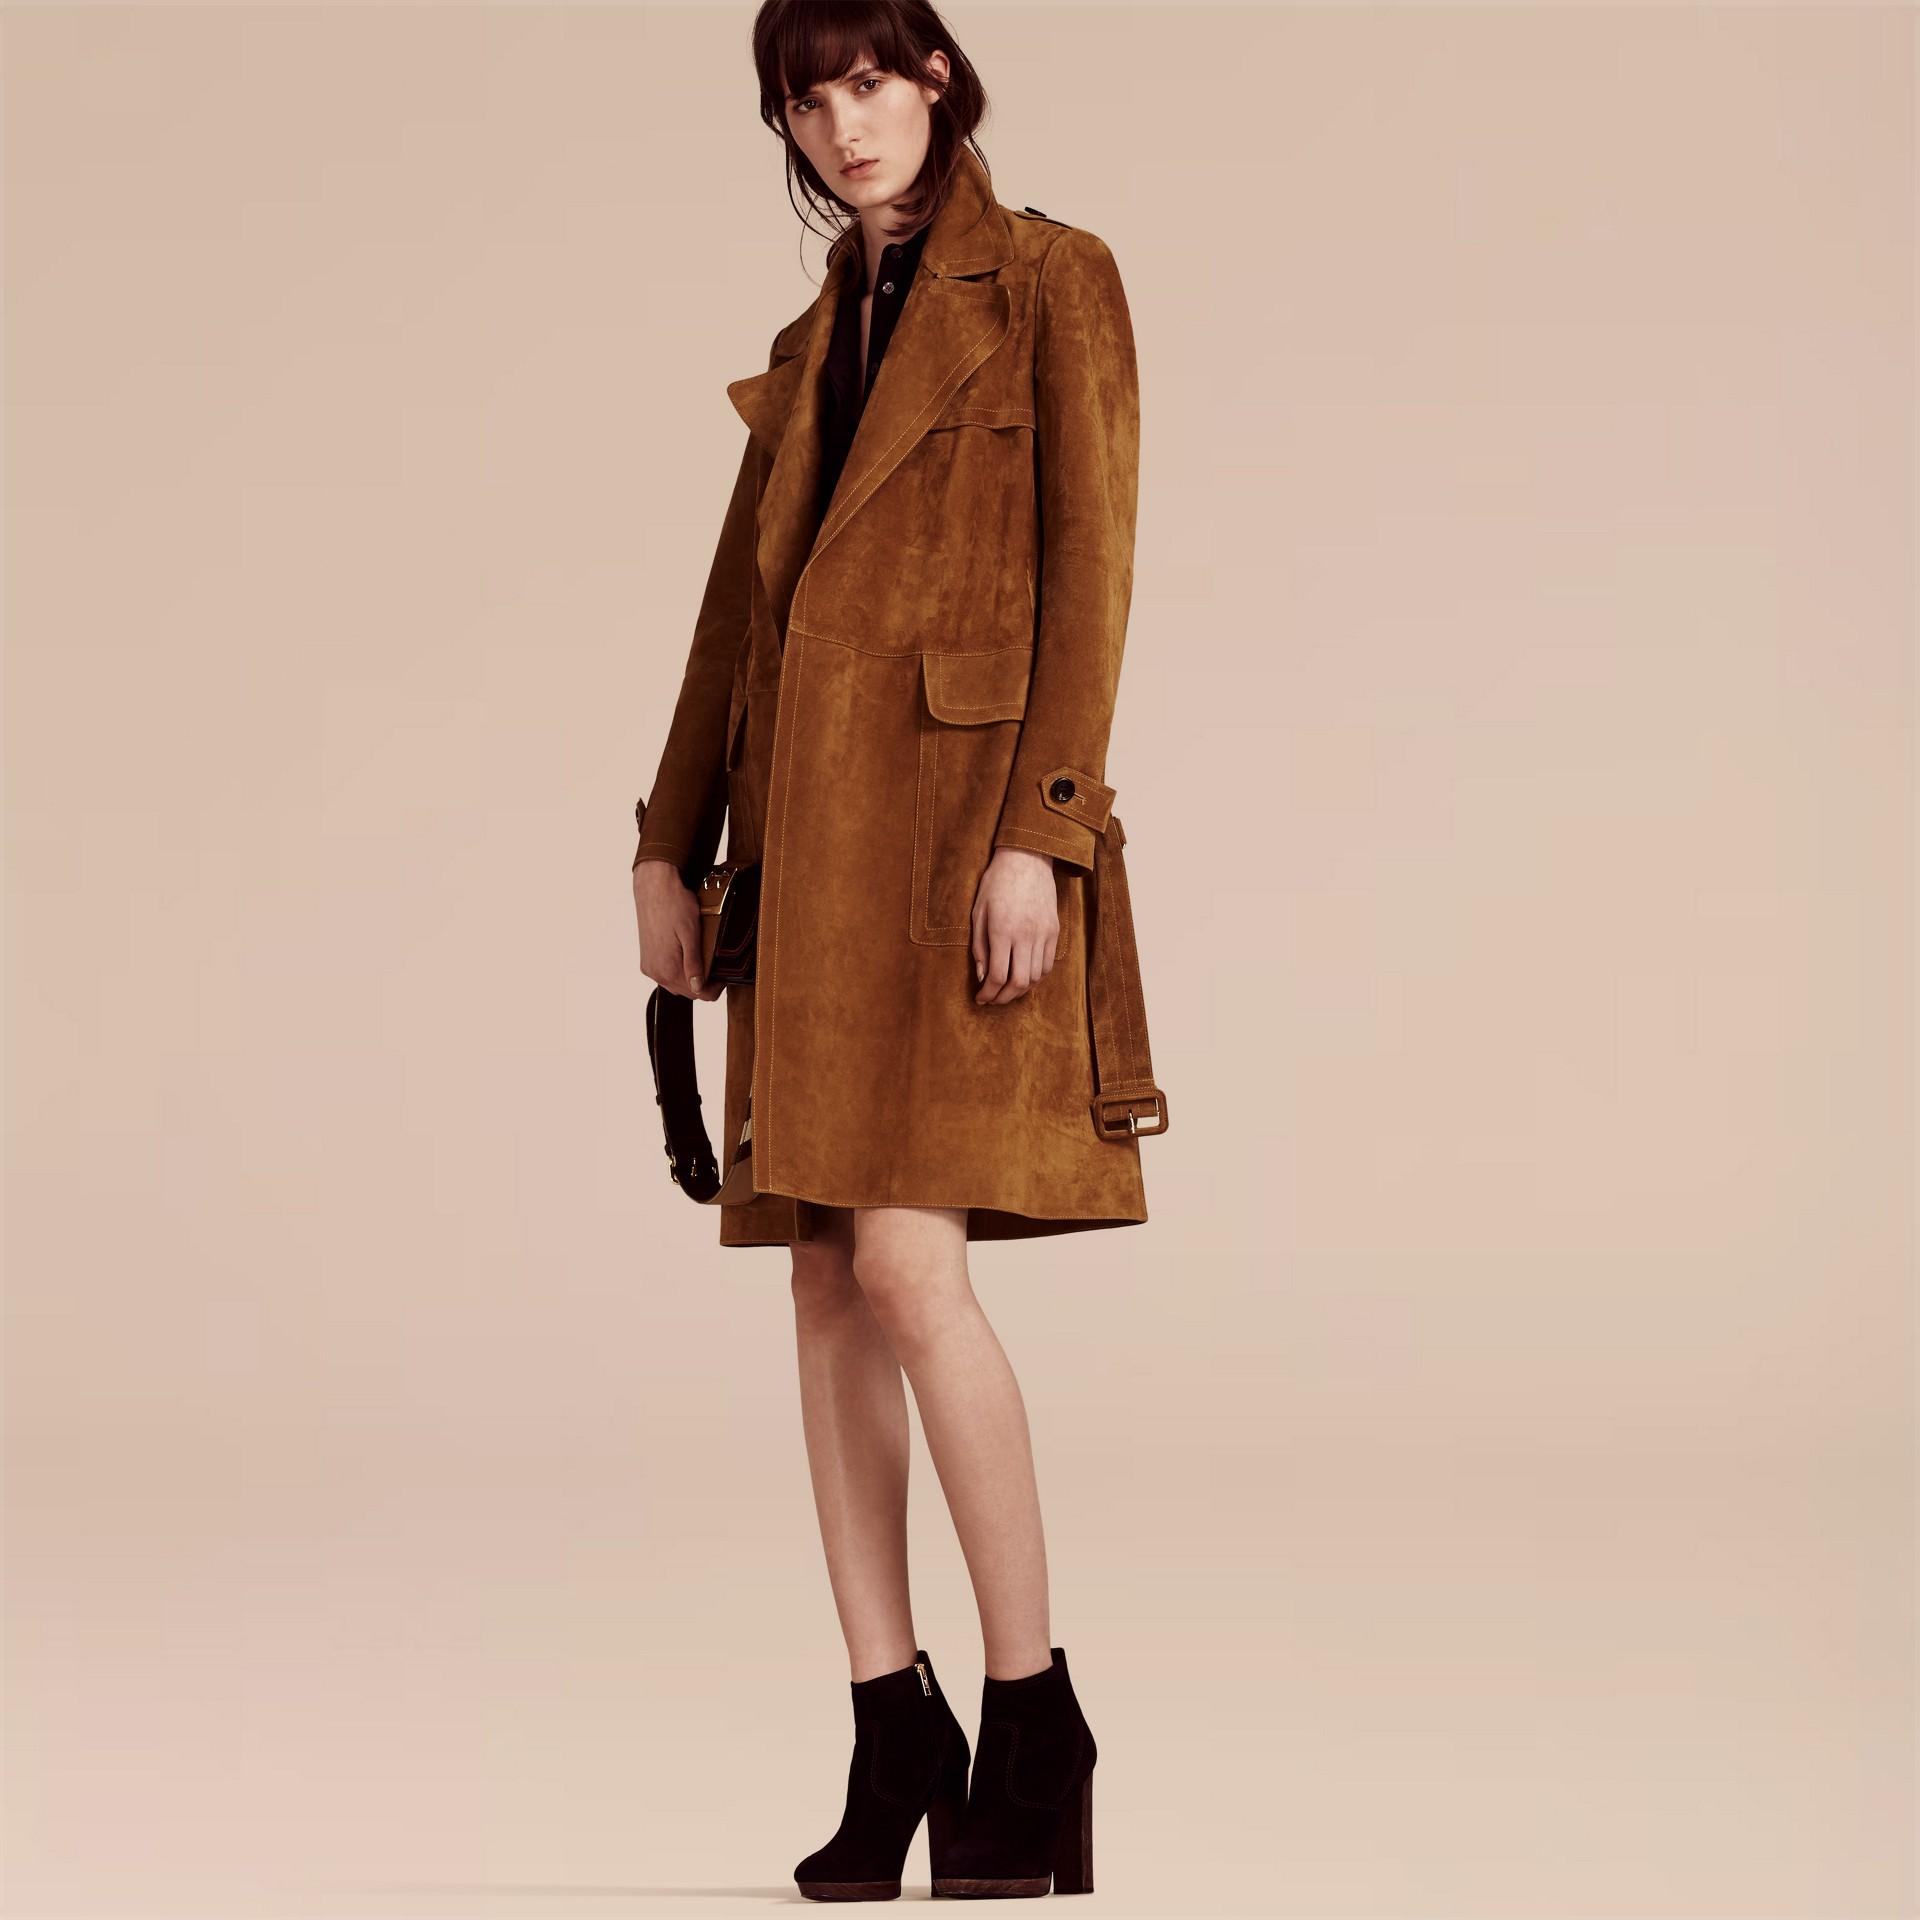 Cognac Manteau portefeuille en cuir velours - photo de la galerie 6